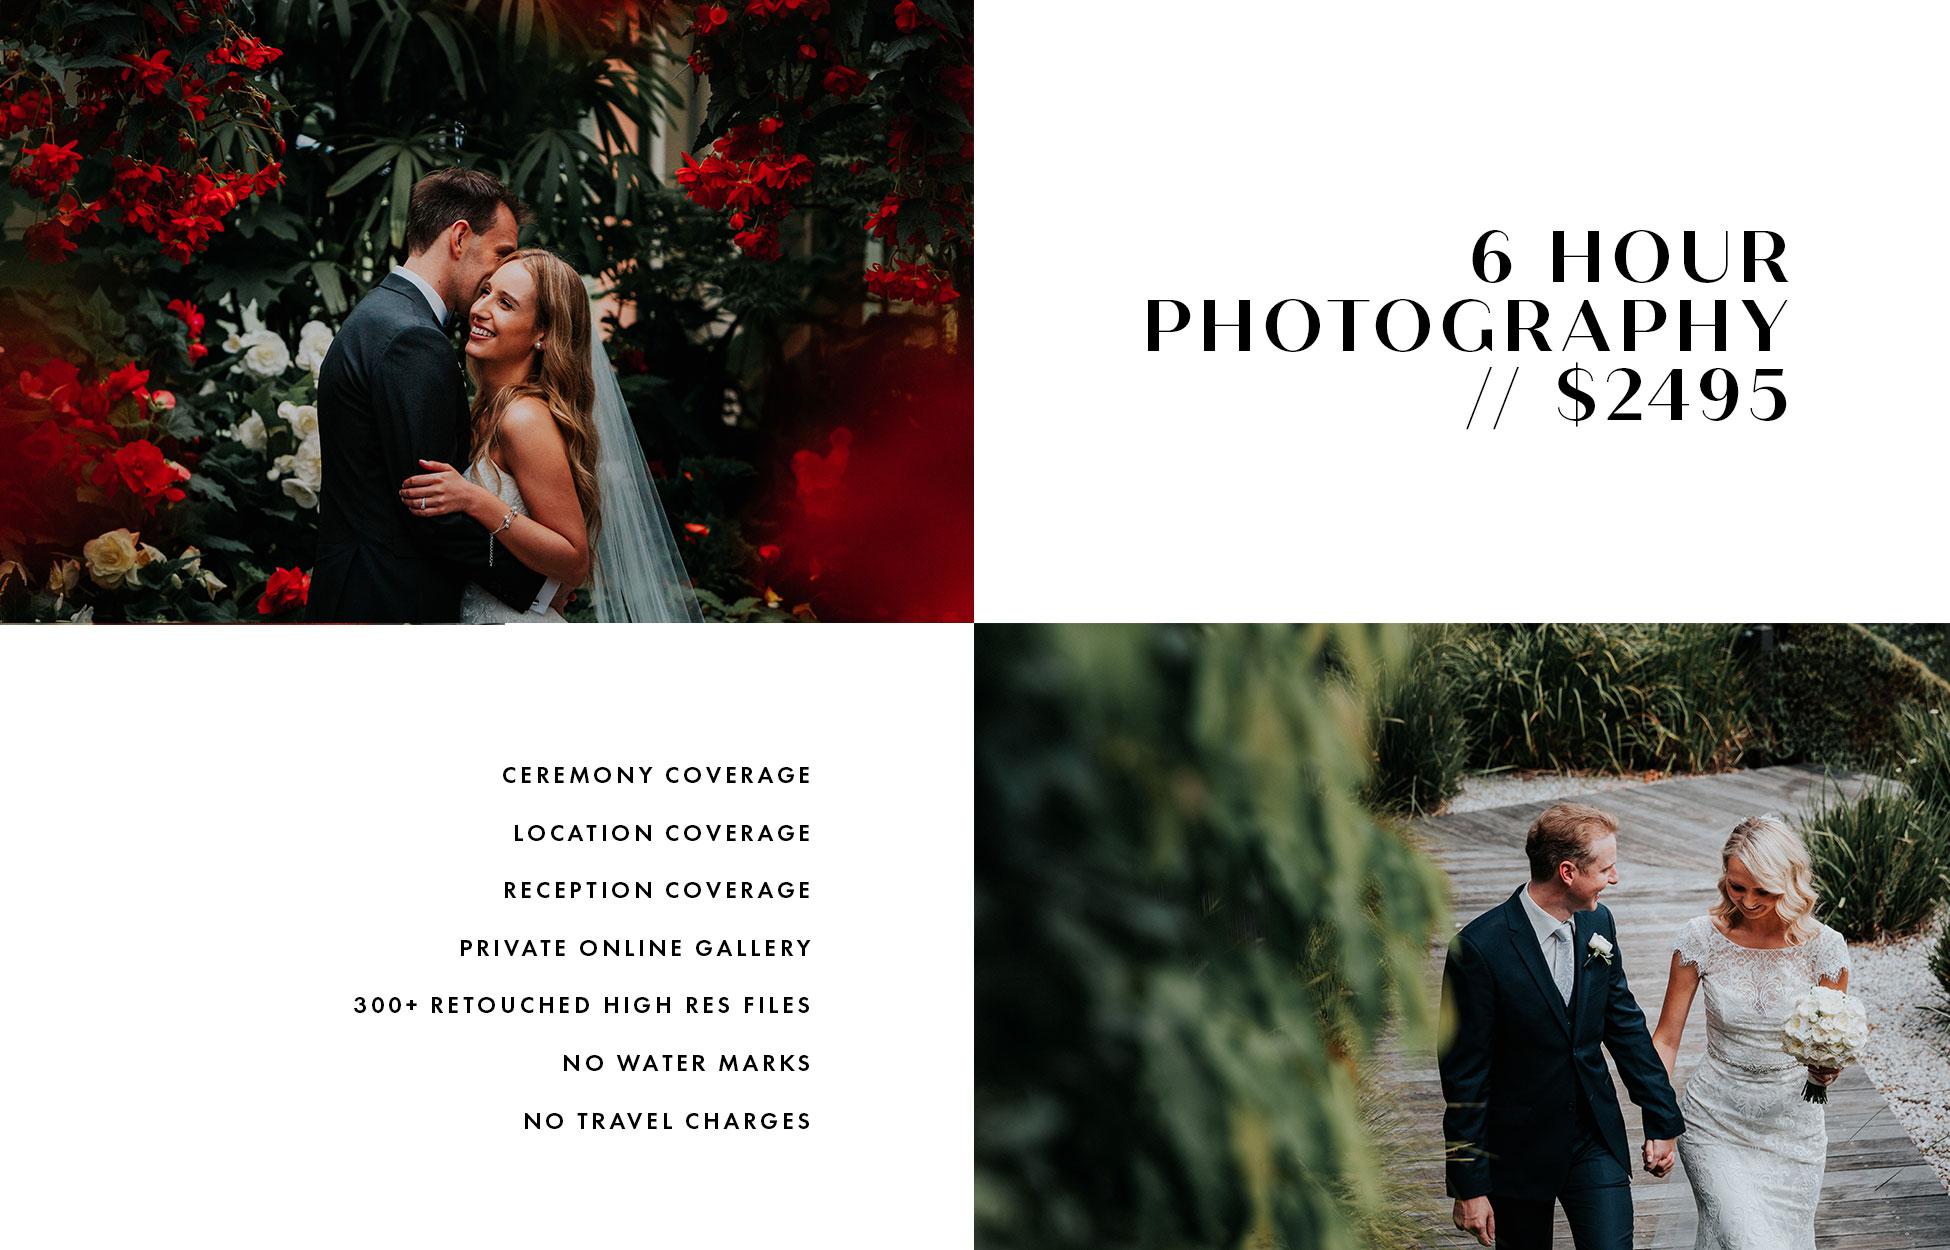 Neil Hole photography wedding photography